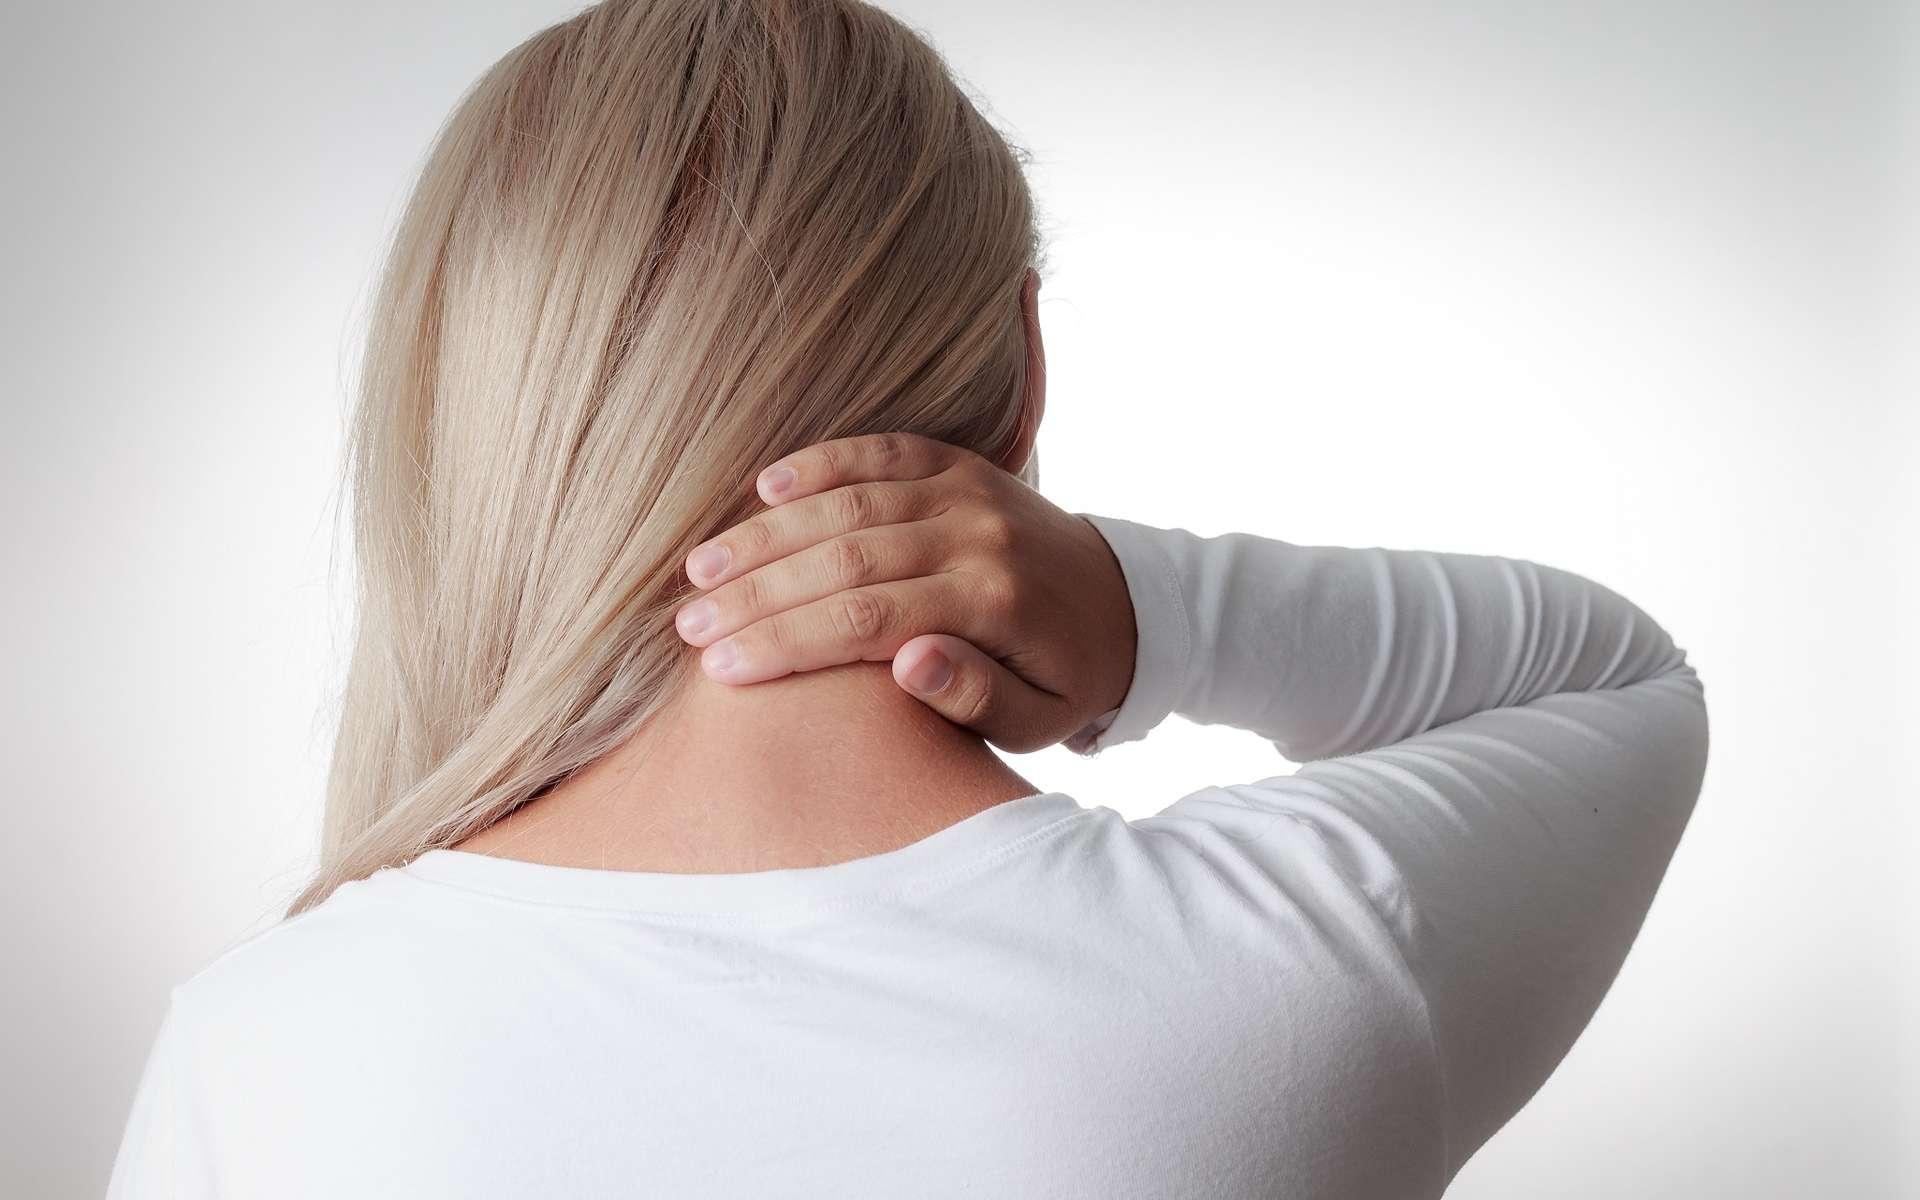 La raideur de la nuque est caractéristique du syndrome méningé. © Kleber Cordeiro, Shutterstock